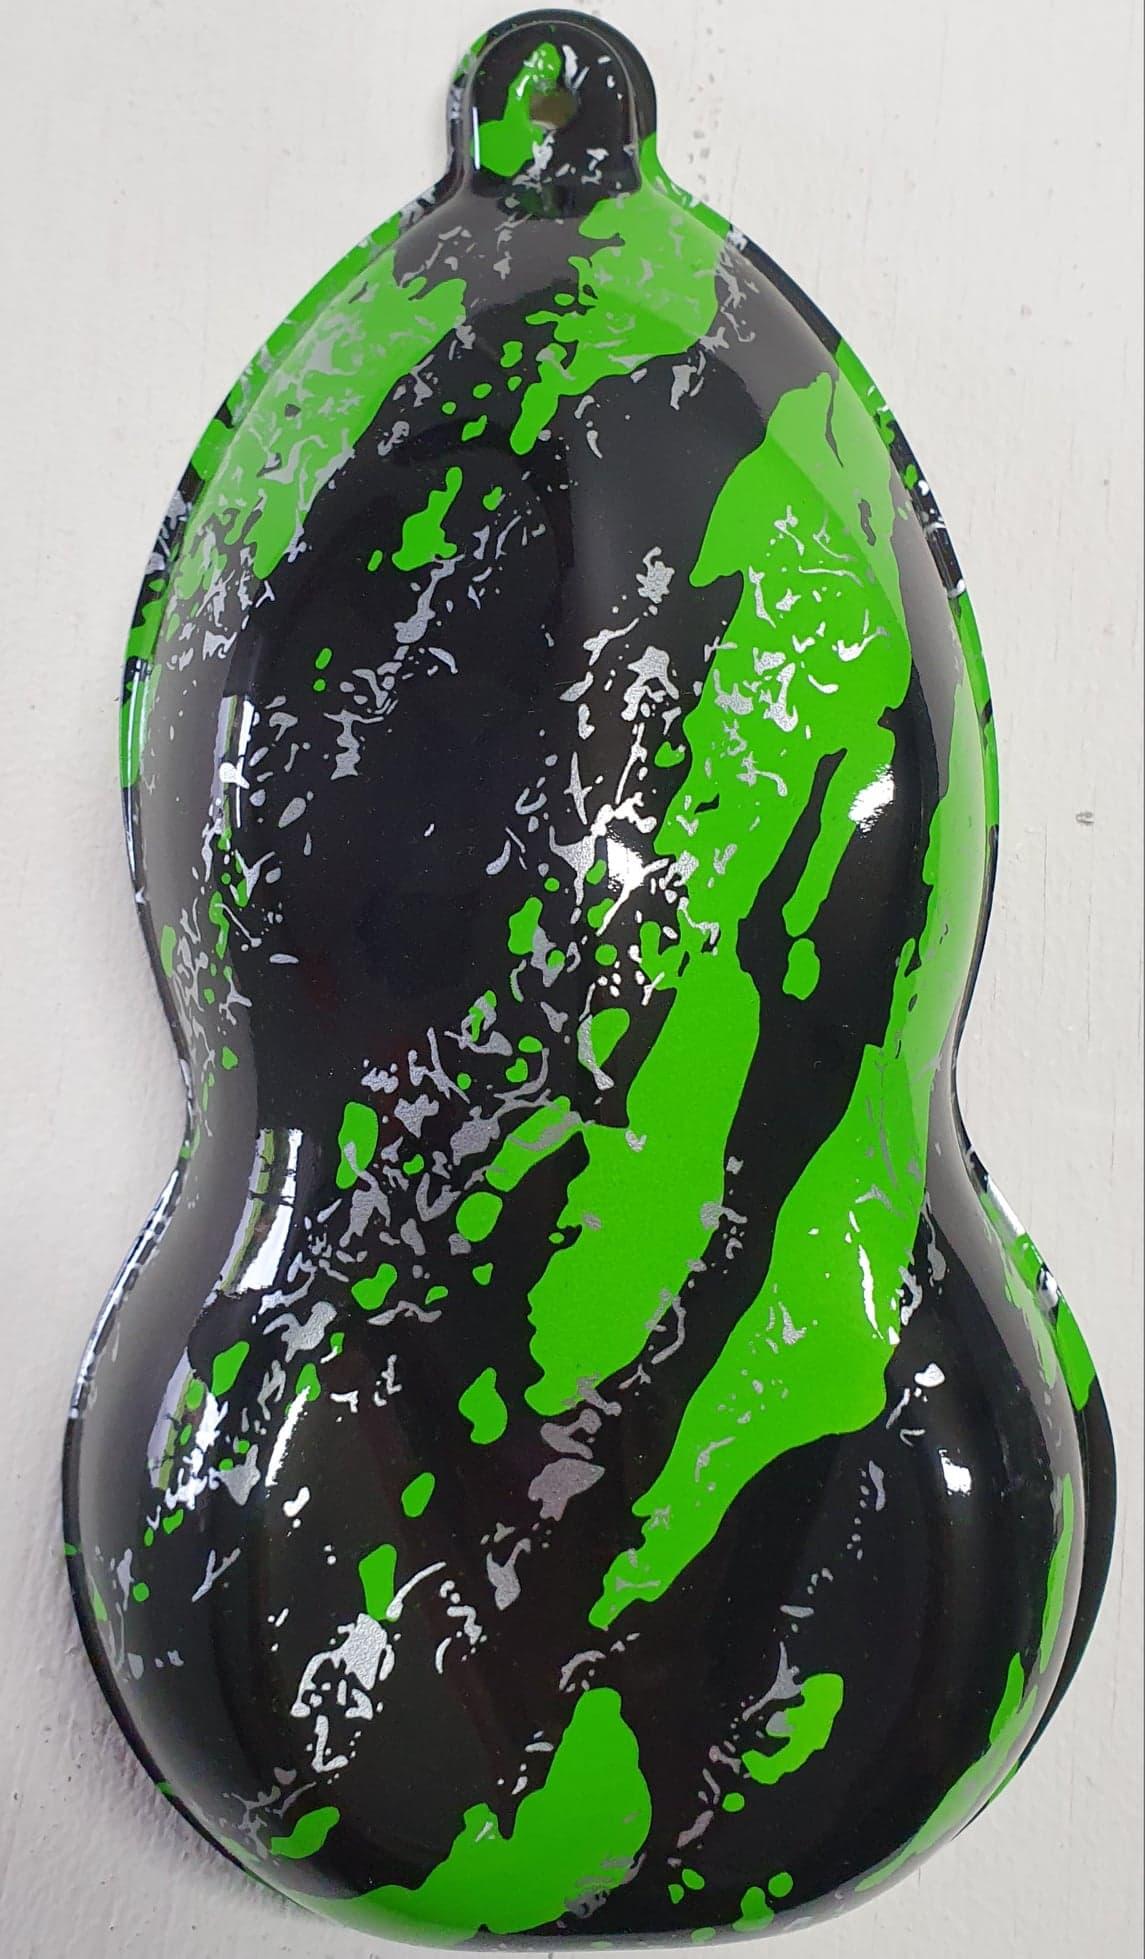 Splatter in green.